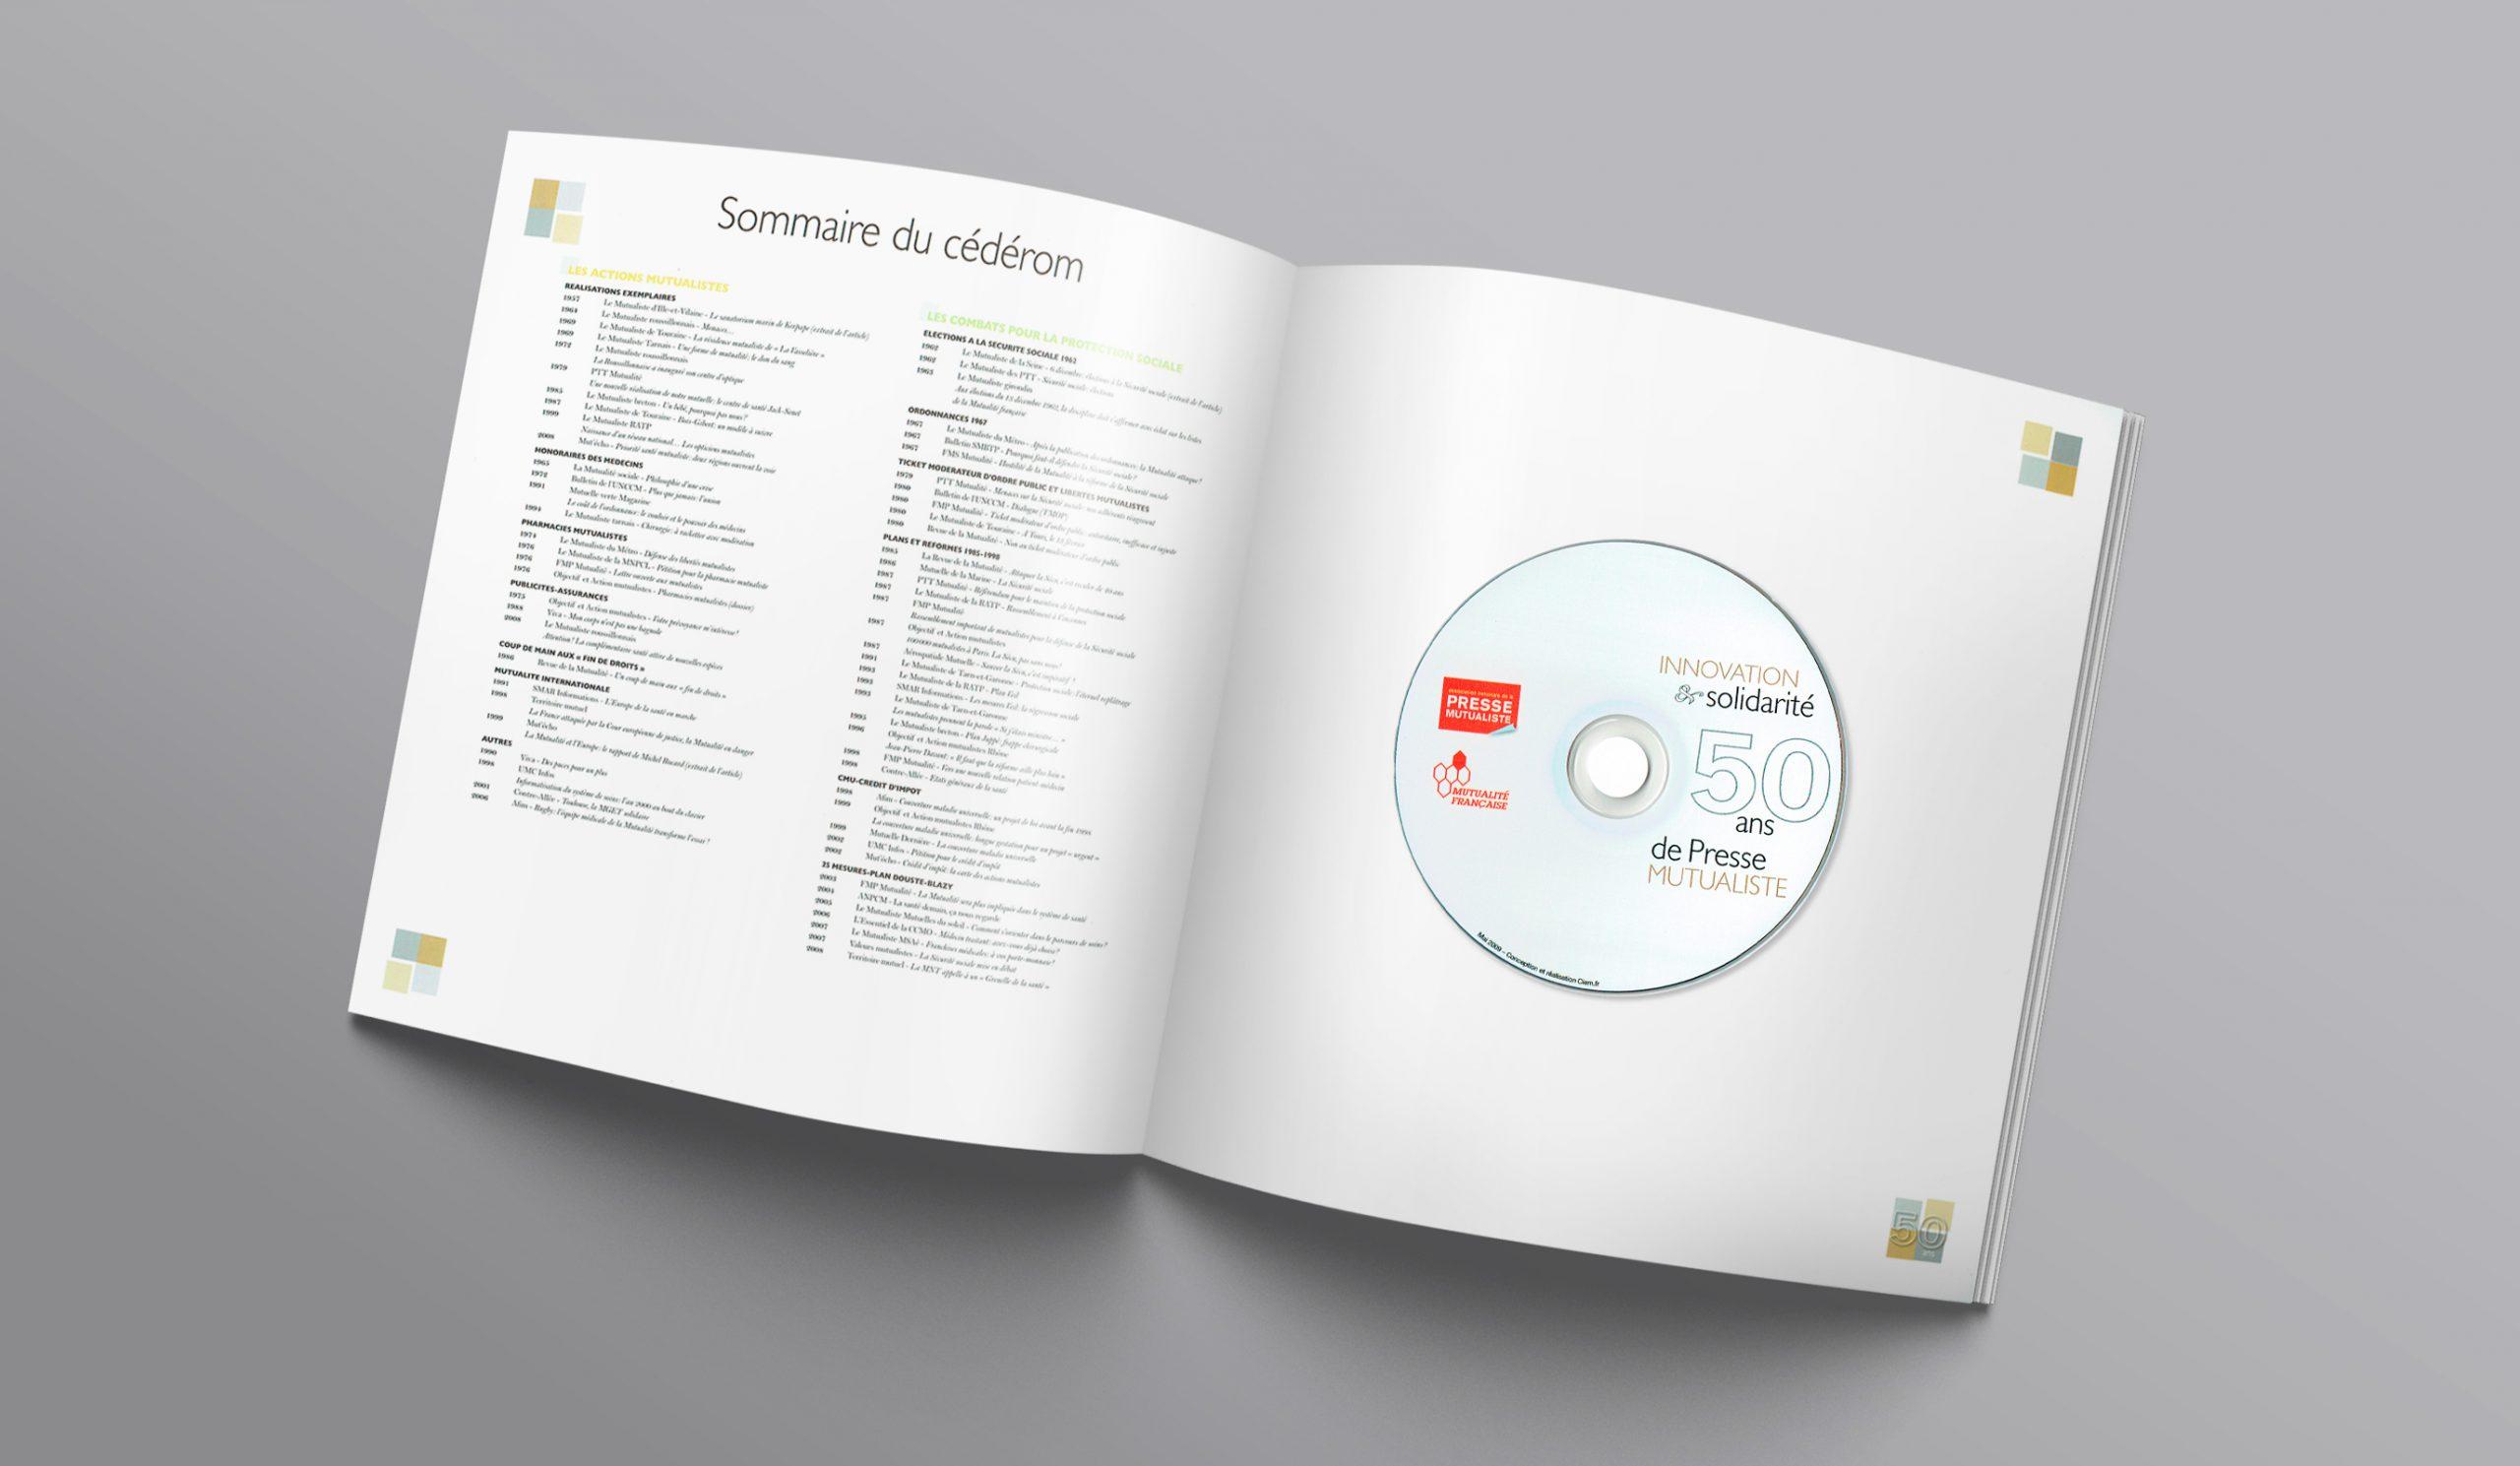 """Suite du """"Sommaire"""" de la brochure pour les 50 ans + le CD offert."""